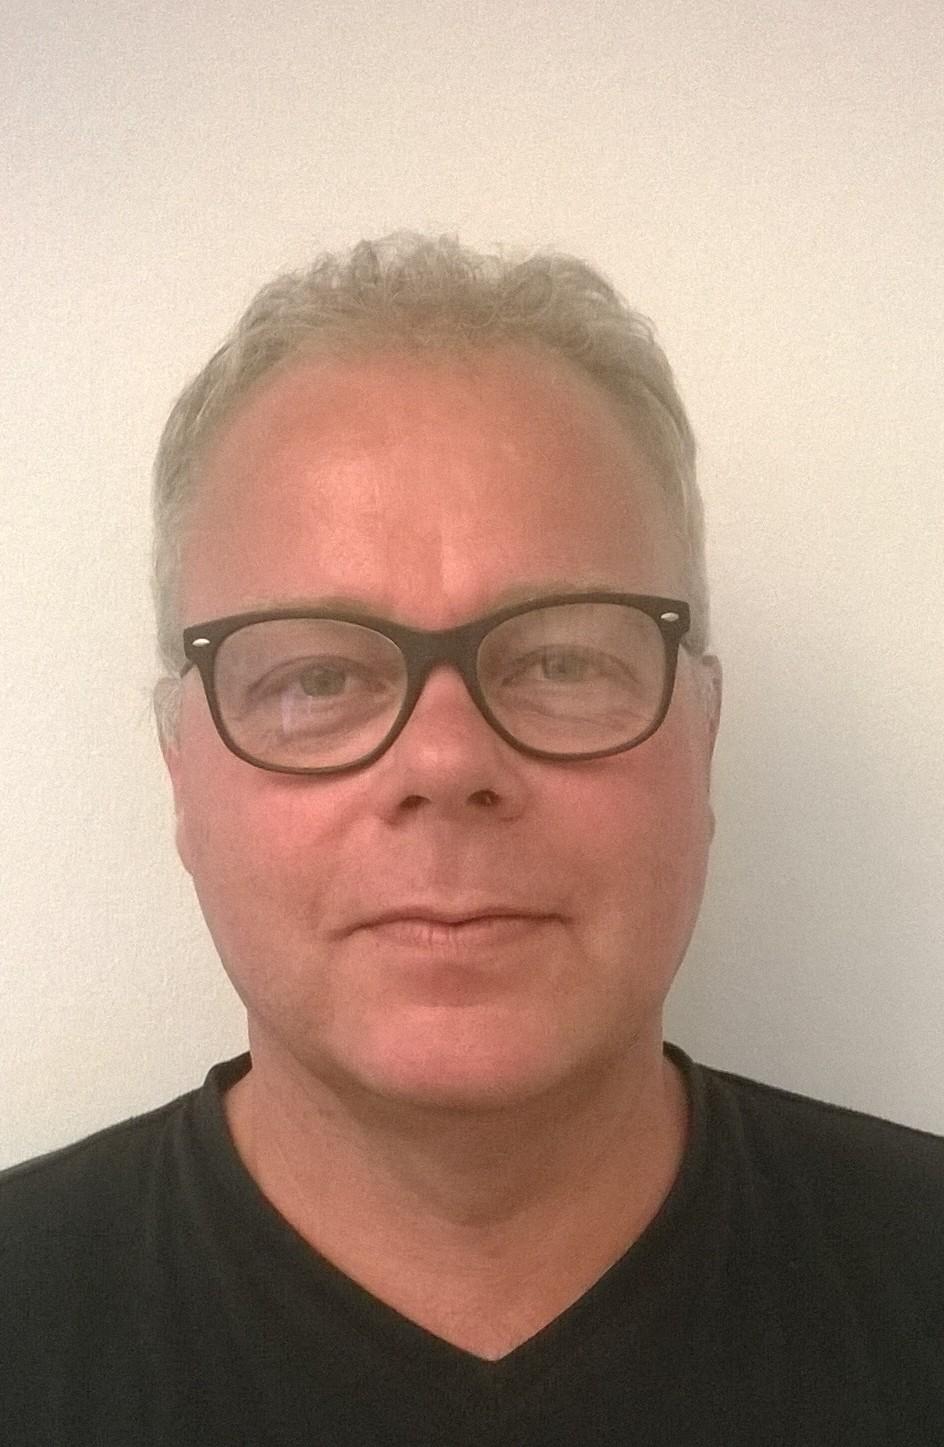 Ole Hørmann Jakobsen